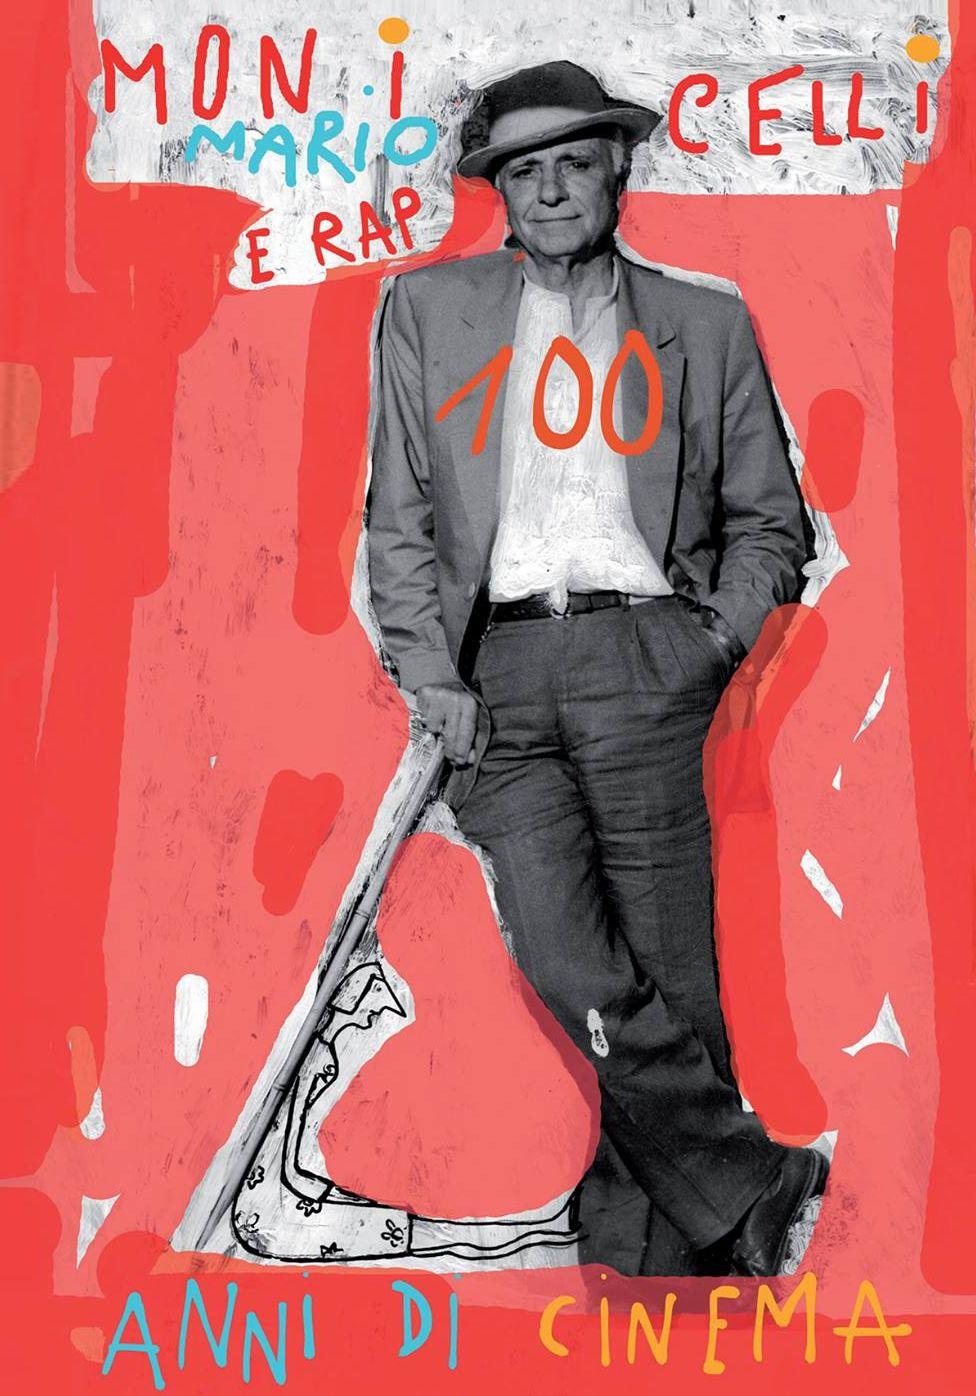 MARIO MONICELLI E RAP – 100 ANNI DI CINEMA IN MOSTRA AL PAN – PALAZZO DELLE ARTI DI NAPOLI